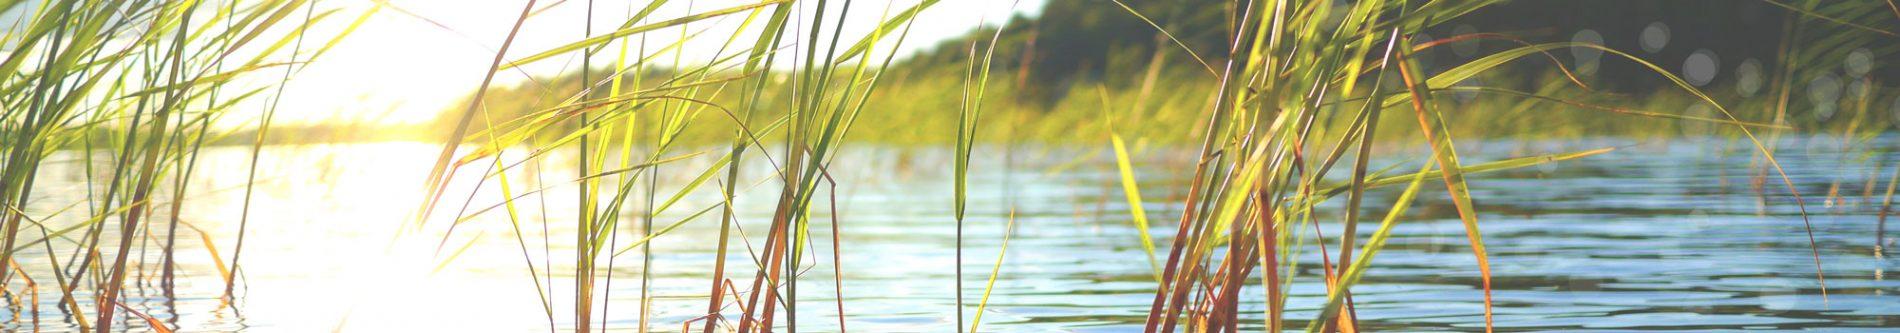 Lichtblicke am Seeufer. Durch das Seegras schimmert das vom See reflektierte Sonnenlicht. Damit wird zu Kontakt und Anfahrt die wunderschöne Umgebung illustriert.